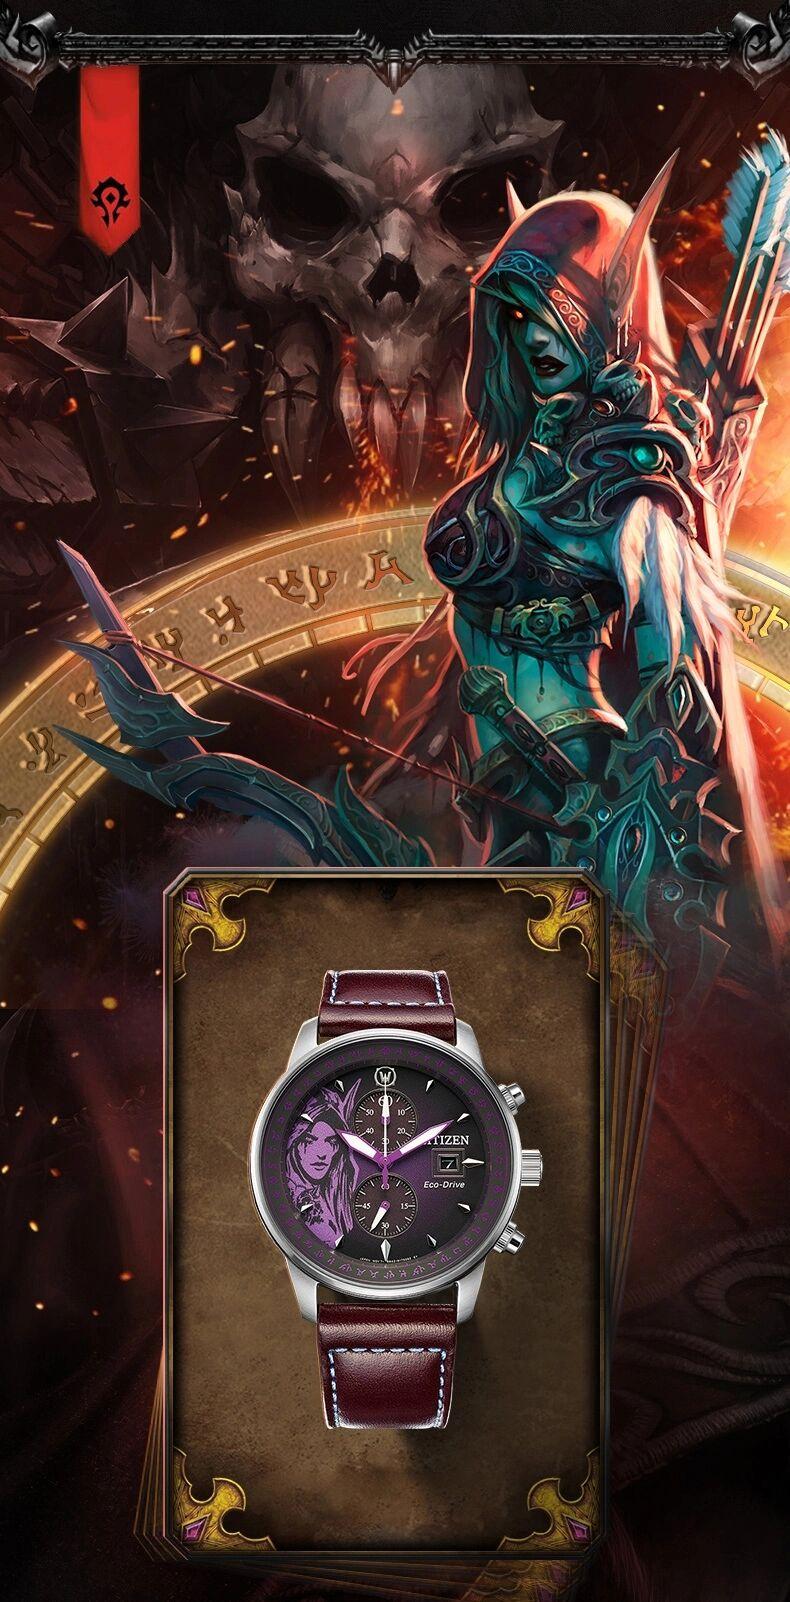 聯名再來魔獸世界x西鐵城聯名手錶火熱預售中